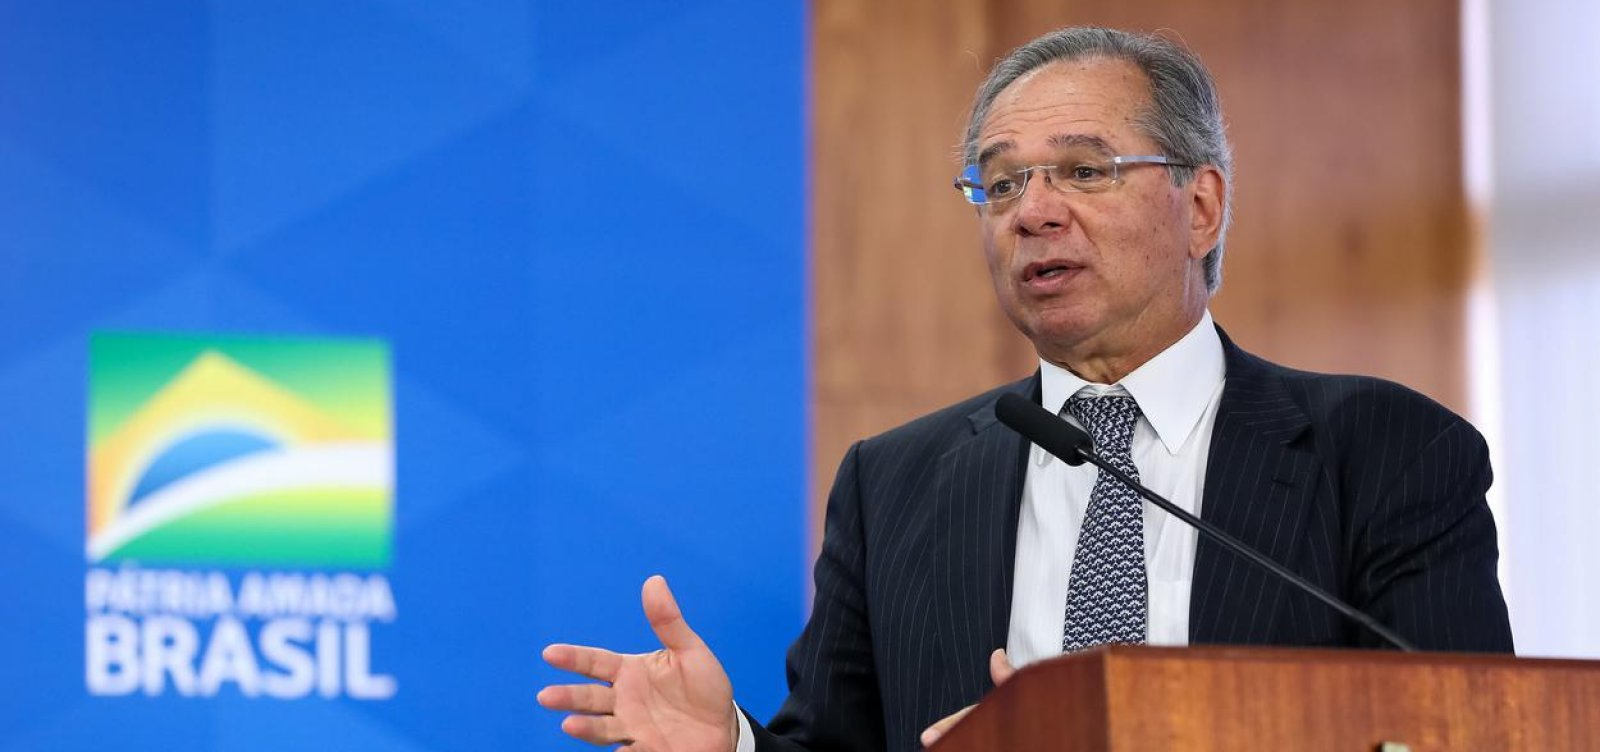 [Governo quer aumento de limite de isenção do IRPF, diz assessor especial de Guedes]